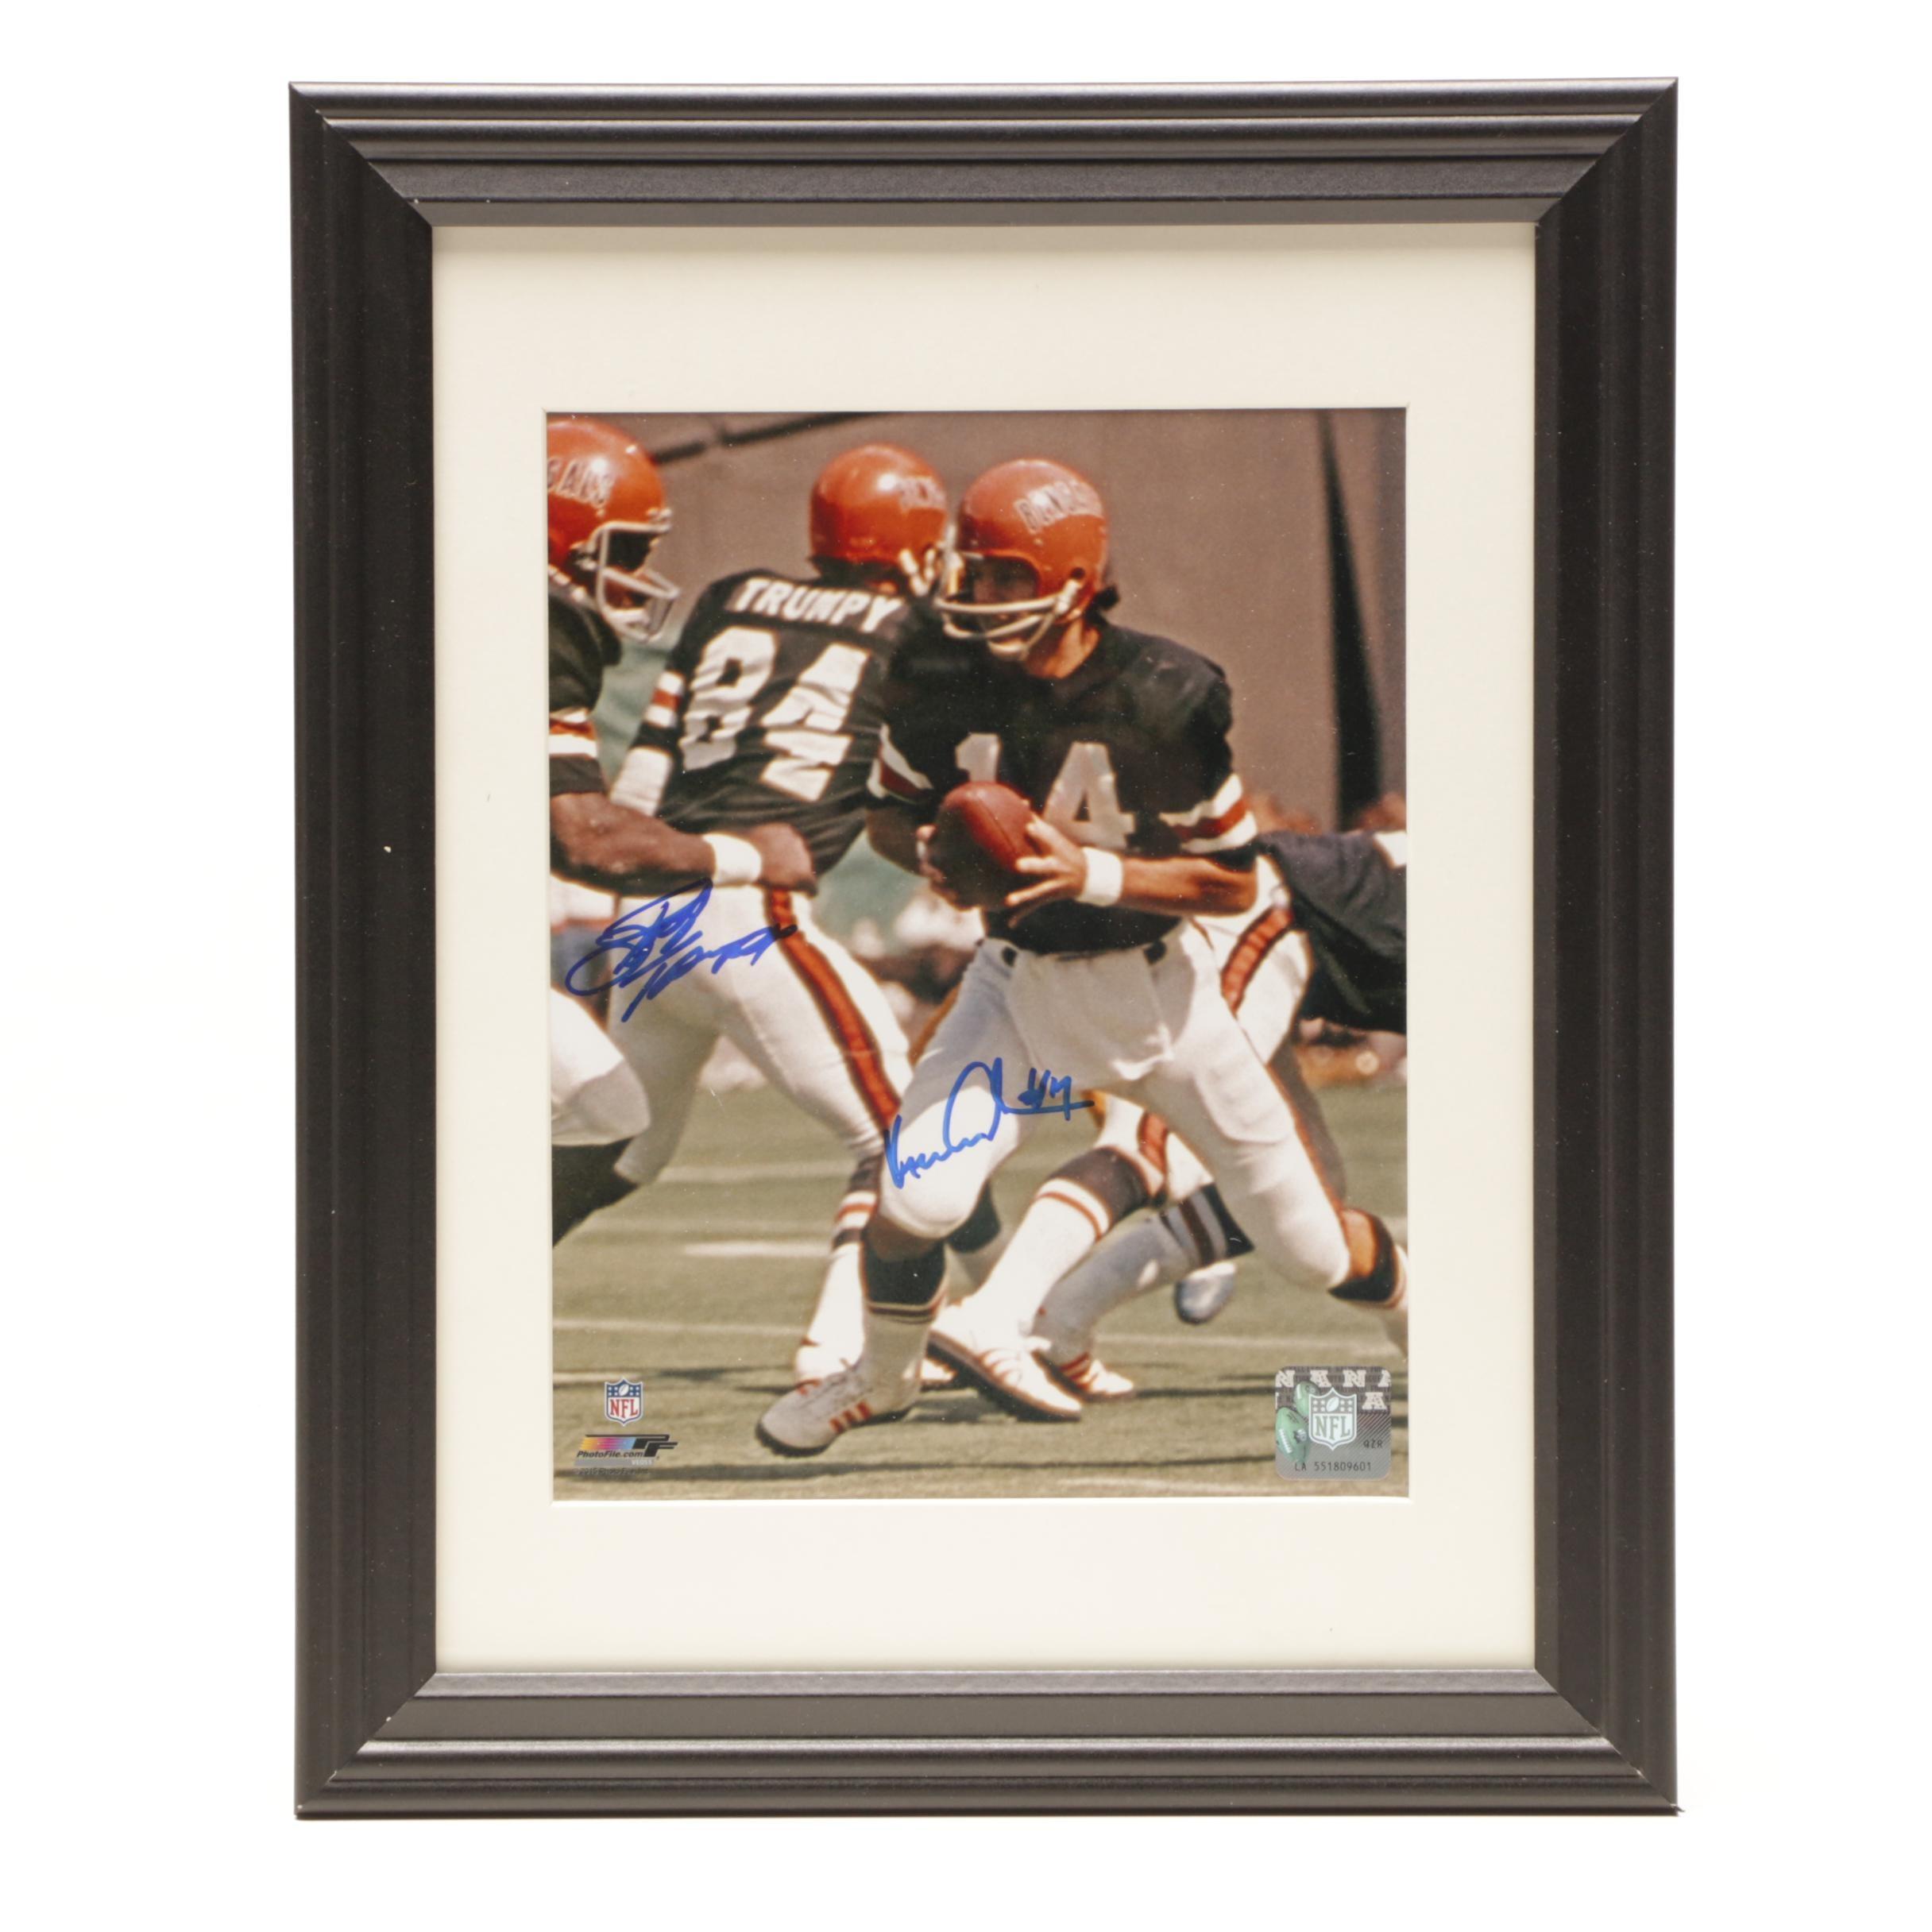 Bob Trumpy and Ken Anderson Signed Cincinnati Bengals Photo Print